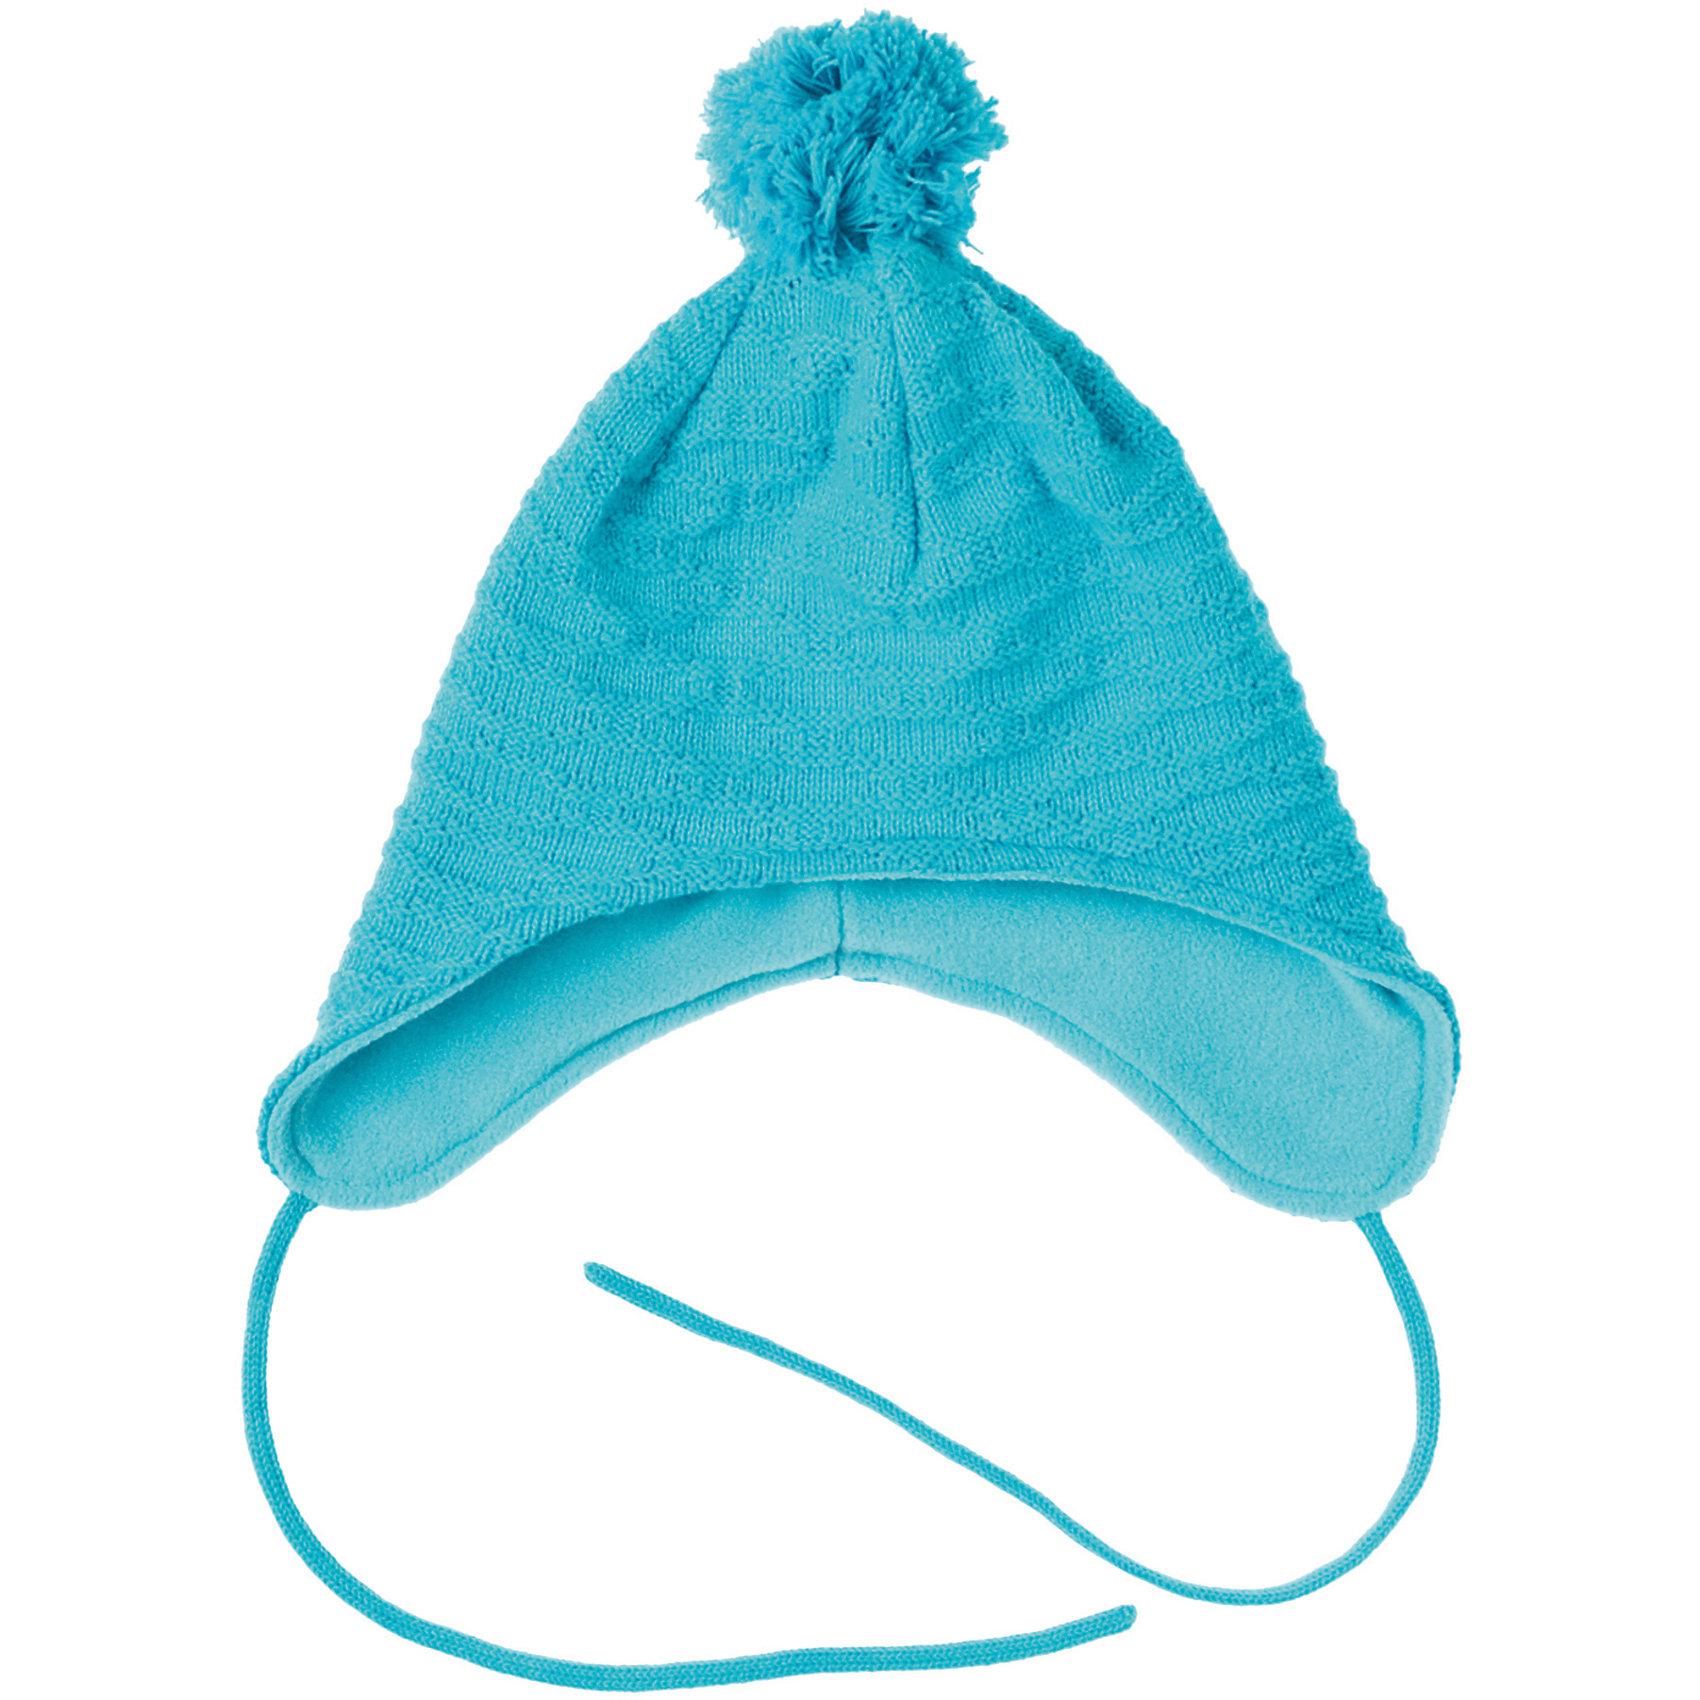 Шапка для девочки PlayTodayШапка для девочки PlayToday Теплая шапка на флисовой подкладке. Украшена помпоном и объемной вязкой. Состав: Верх: 60% хлопок, 40% акрил Подкладка: 100% полиэстер<br><br>Ширина мм: 89<br>Глубина мм: 117<br>Высота мм: 44<br>Вес г: 155<br>Цвет: голубой<br>Возраст от месяцев: 84<br>Возраст до месяцев: 96<br>Пол: Женский<br>Возраст: Детский<br>Размер: 52,50,54<br>SKU: 4228678